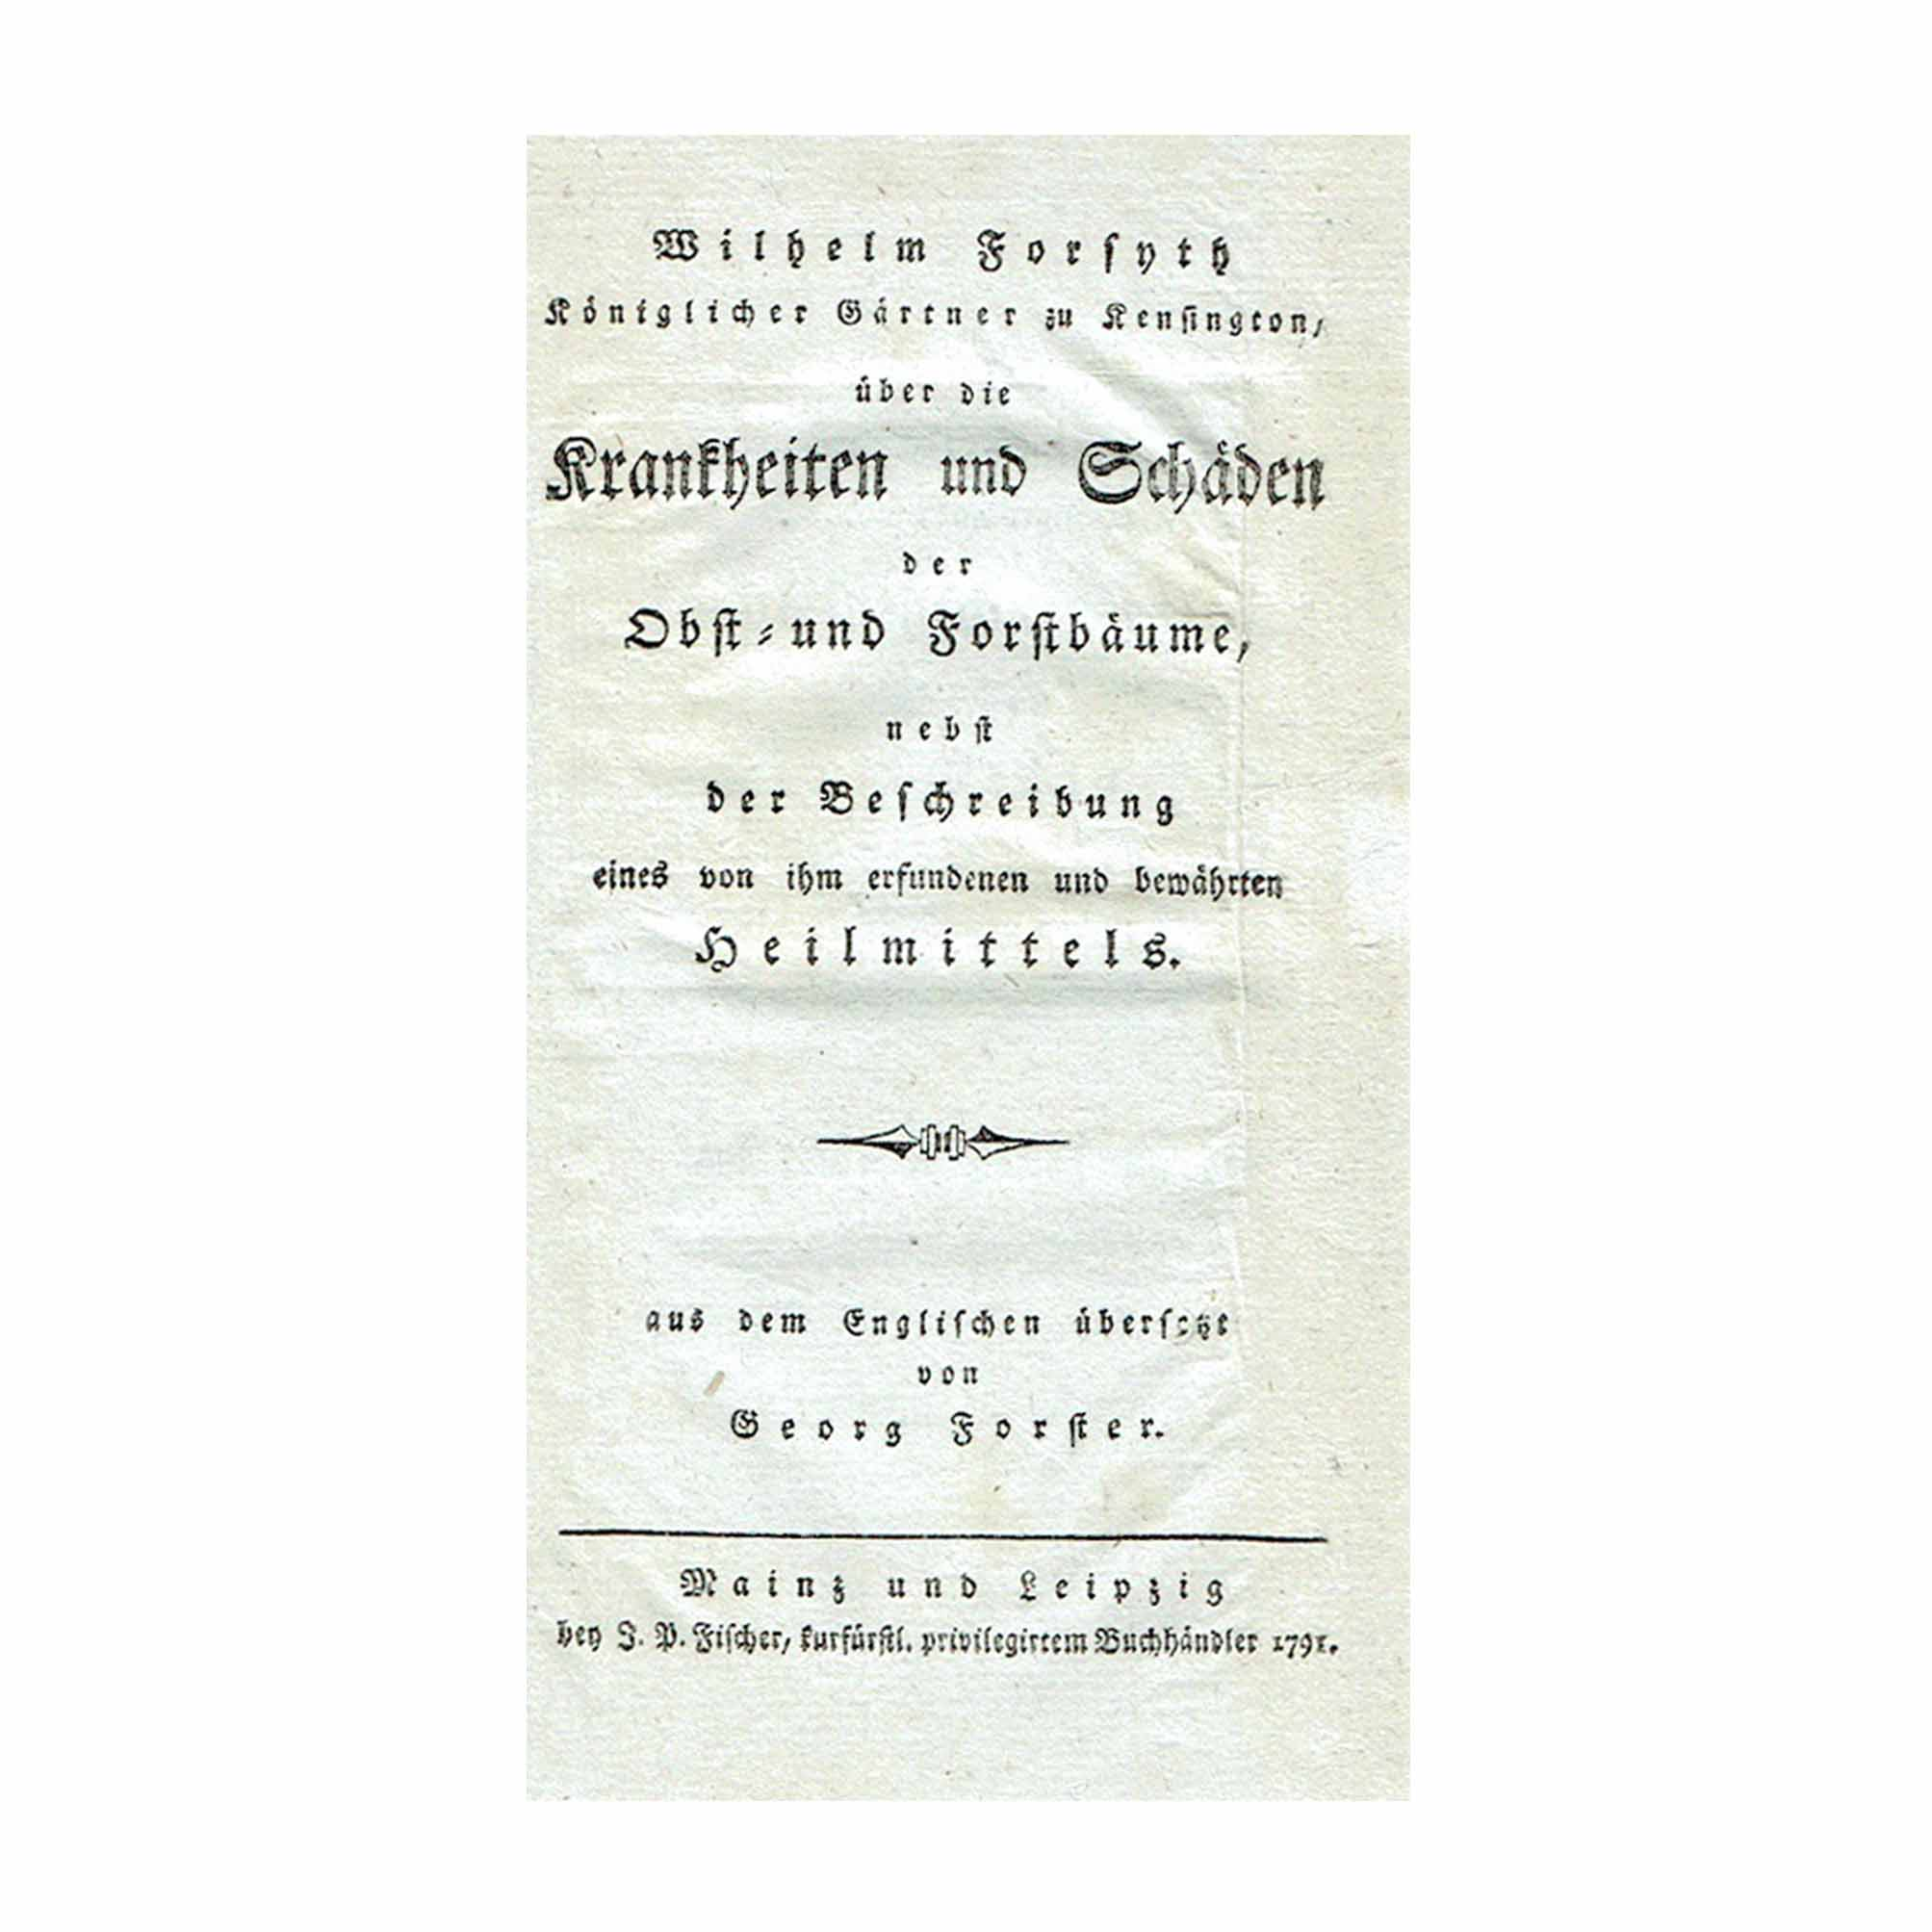 5792-Forsyth-Forster-Baeume-1791-Titelblatt-A-N.jpg